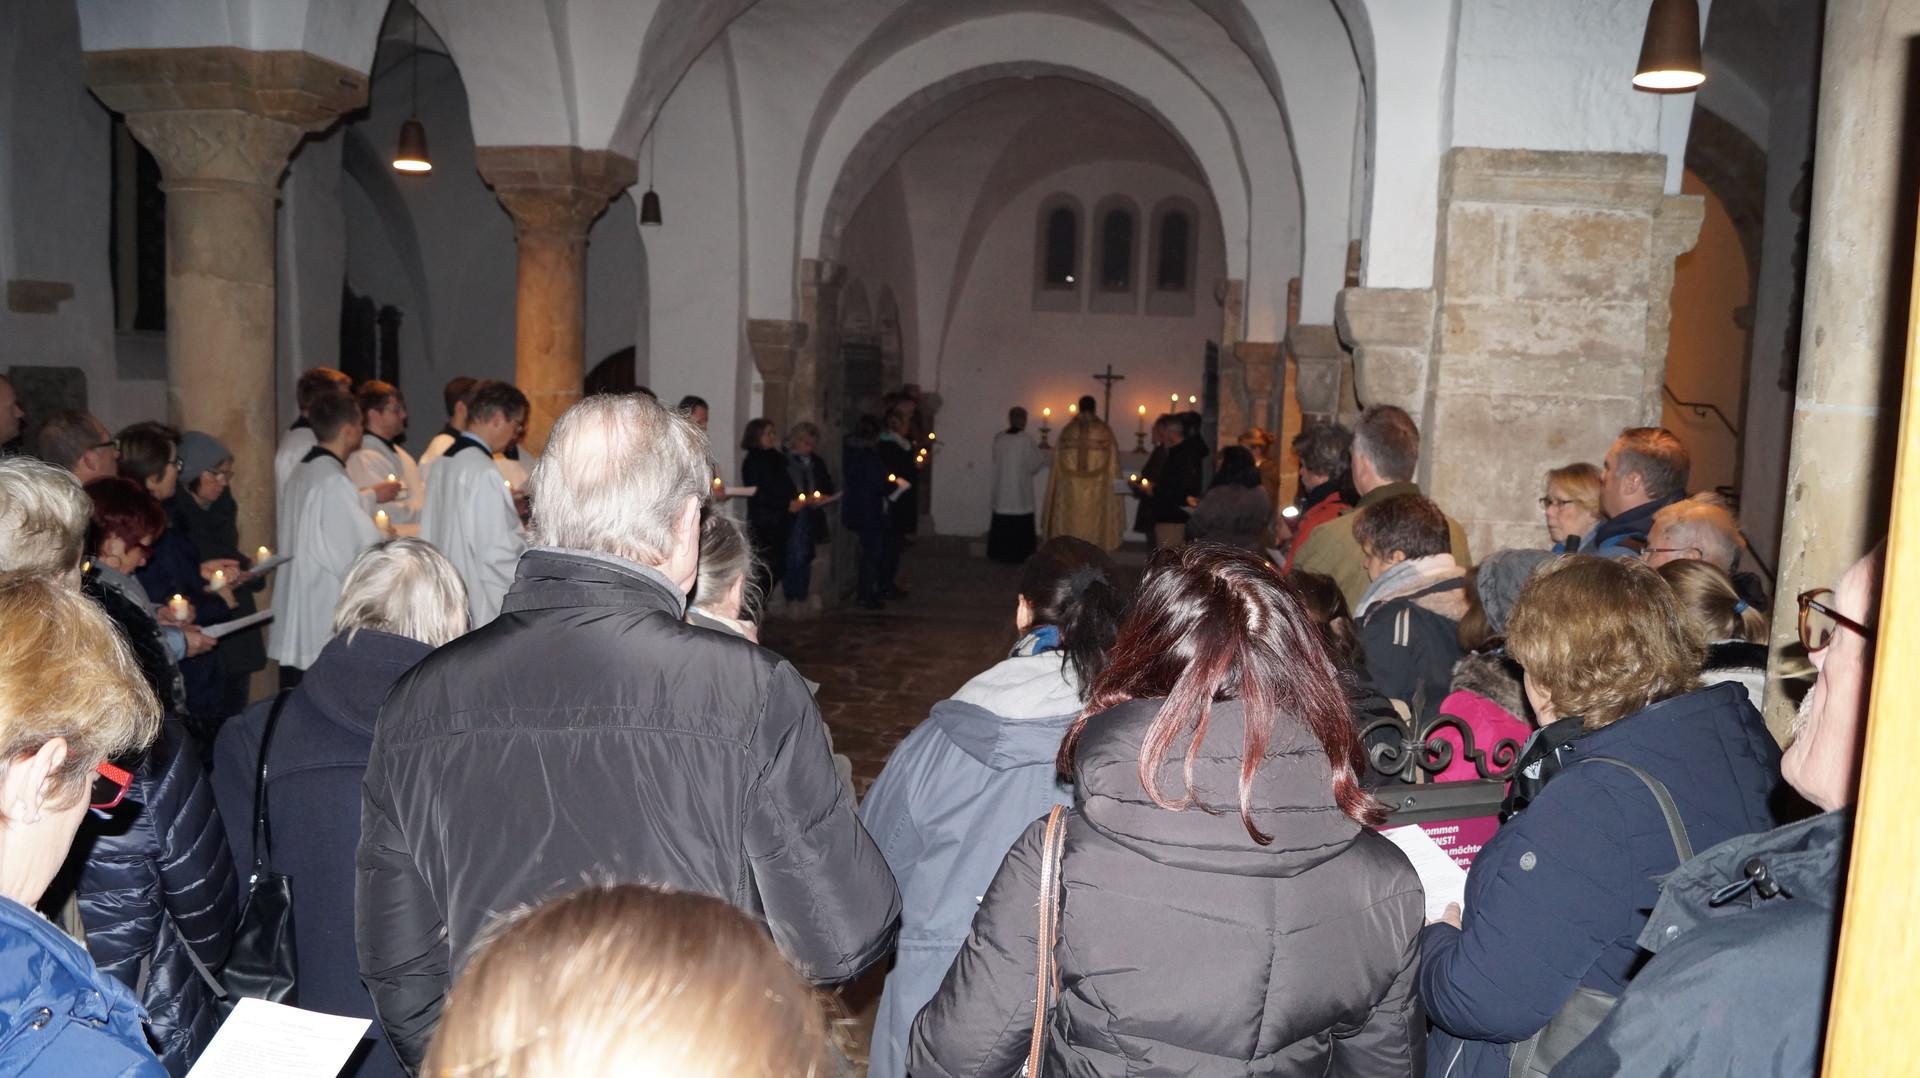 Brigidenkapelle im Hohen Dom zu Paderborn